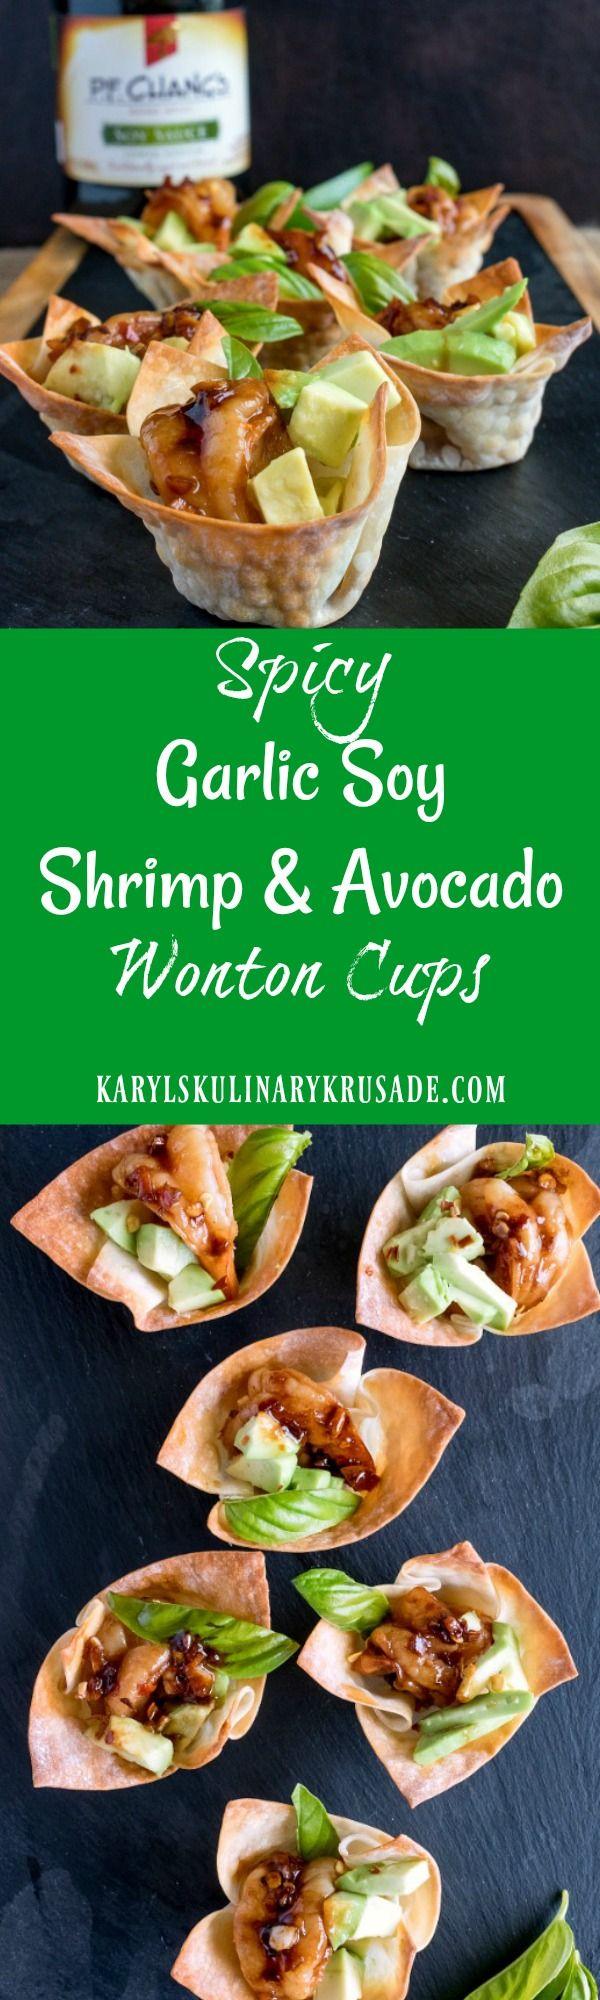 Spicy Garlic Soy Shrimp and Avocado Wonton Cups